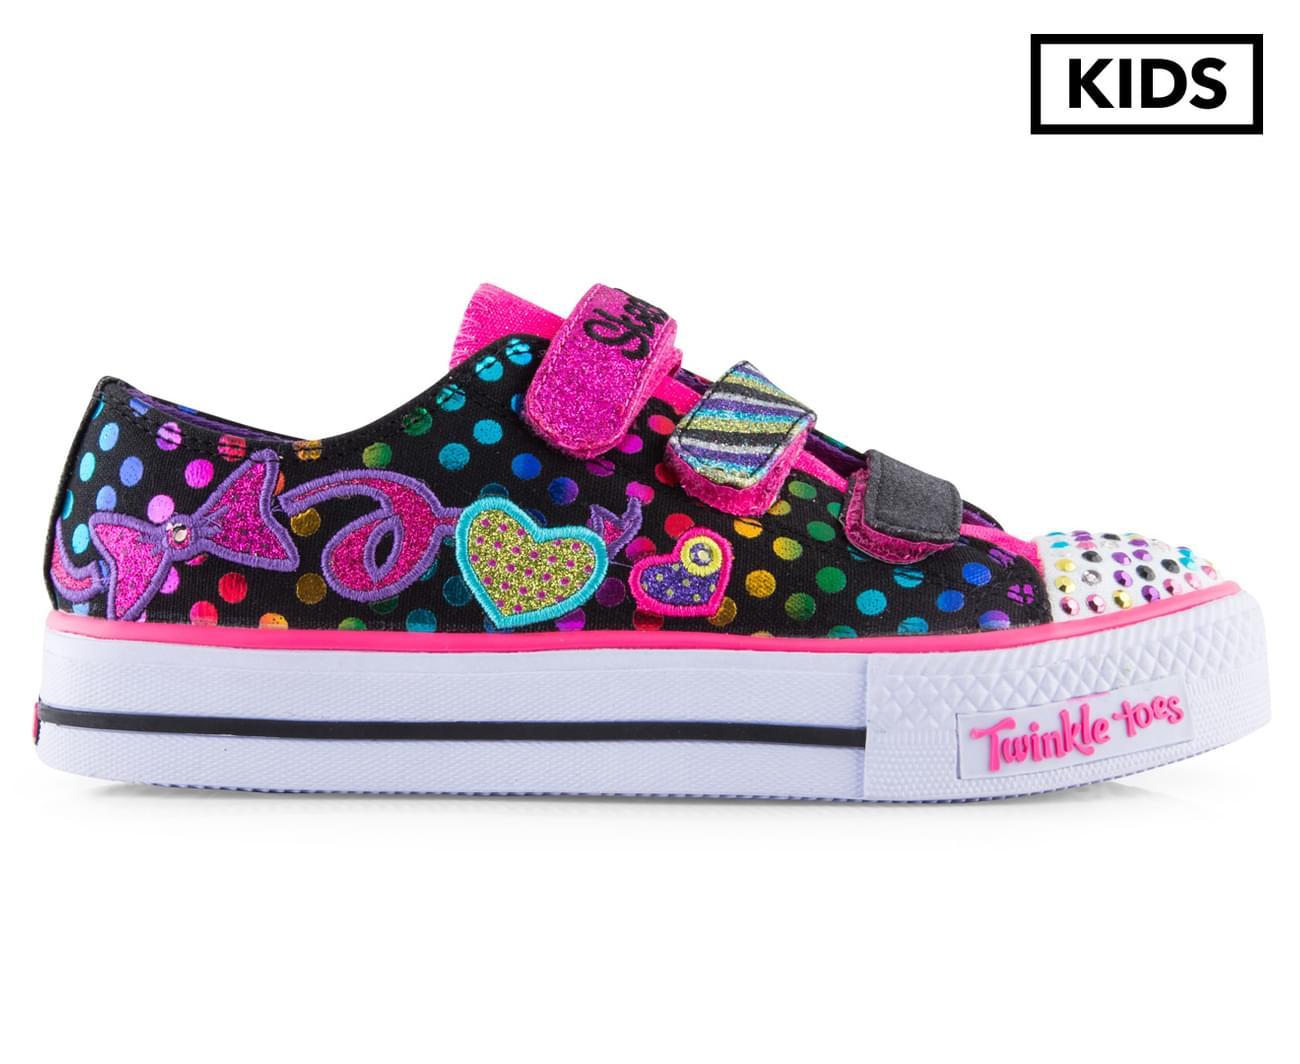 Sketchers Chaussures Pour Enfants Scintillent Orteils Australie AqlI7Y